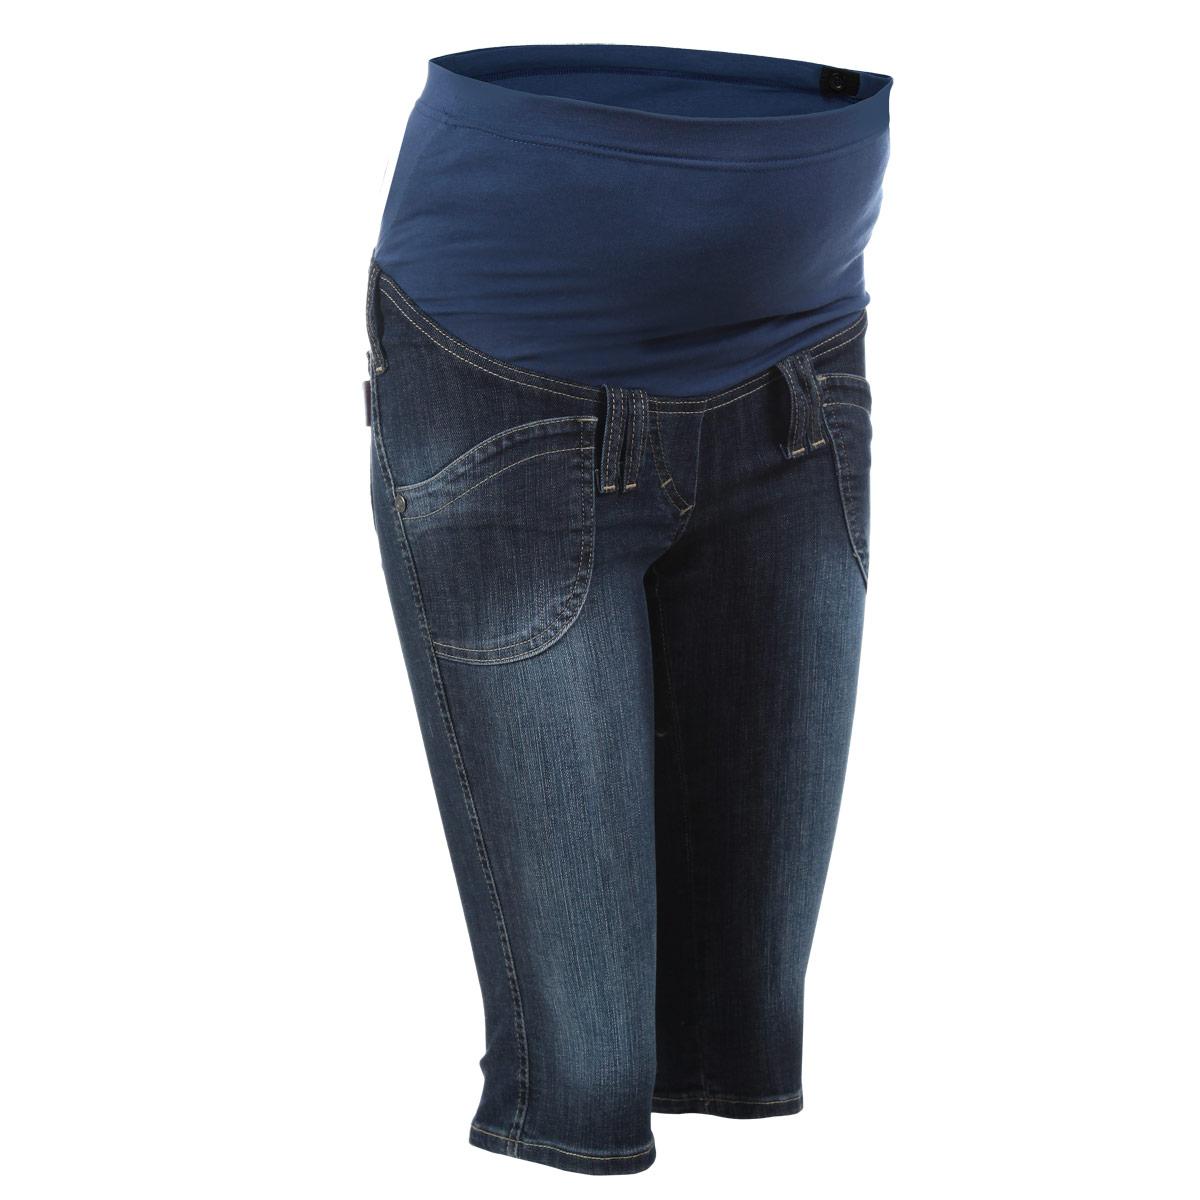 5315.1Очень удобные джинсовые бриджи для беременных Nuova Vita с бандажом на живот, изготовленные из высококачественного материала, придают элегантность и индивидуальность. Бриджи прямого покроя имеют четырехкарманный крой: спереди - два накладных кармана и сзади - два накладных кармана. Имеются шлевки для ремня и имитация ширинки. Бандаж из стрейч-ткани поддерживает живот и уменьшает нагрузку на поясницу, с внутренней стороны регулируется эластичной резинкой на пуговице. В прохладную погоду бриджи прекрасно сочетаются со свитерами и кардиганами, длинными блузками или джемперами. Эта модель придется по душе даже самой капризной женщине.